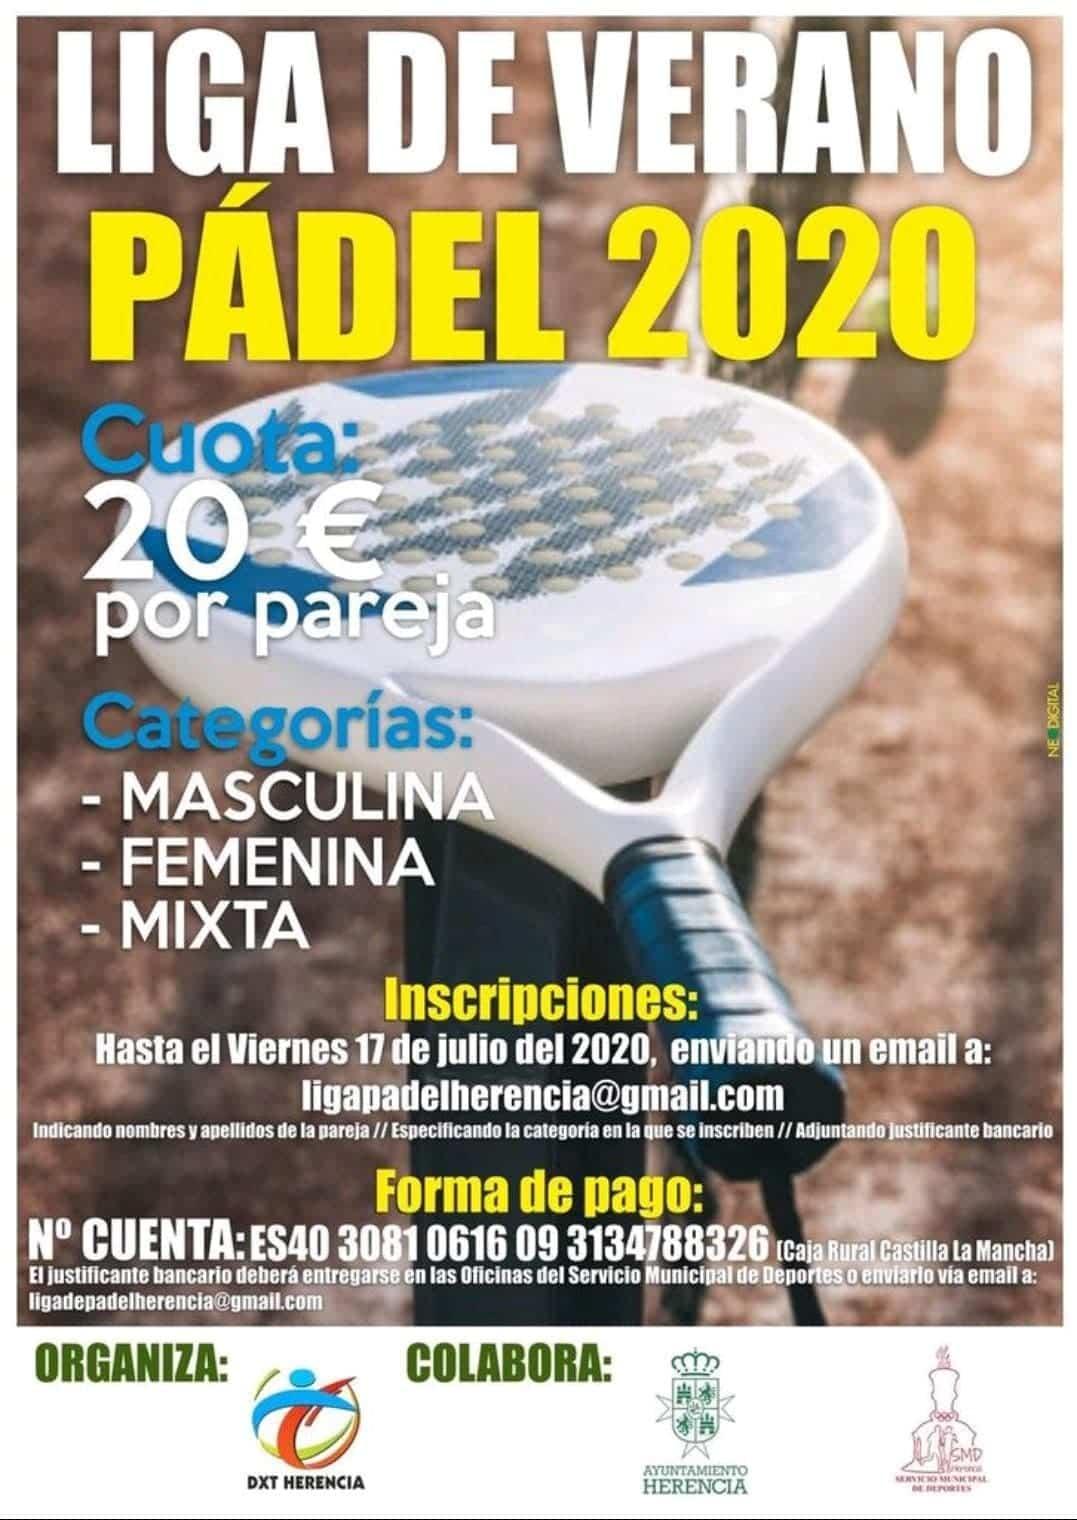 liga verano padel 2020 - Vuelve la Liga de Verano de Pádel 2020 en Herencia